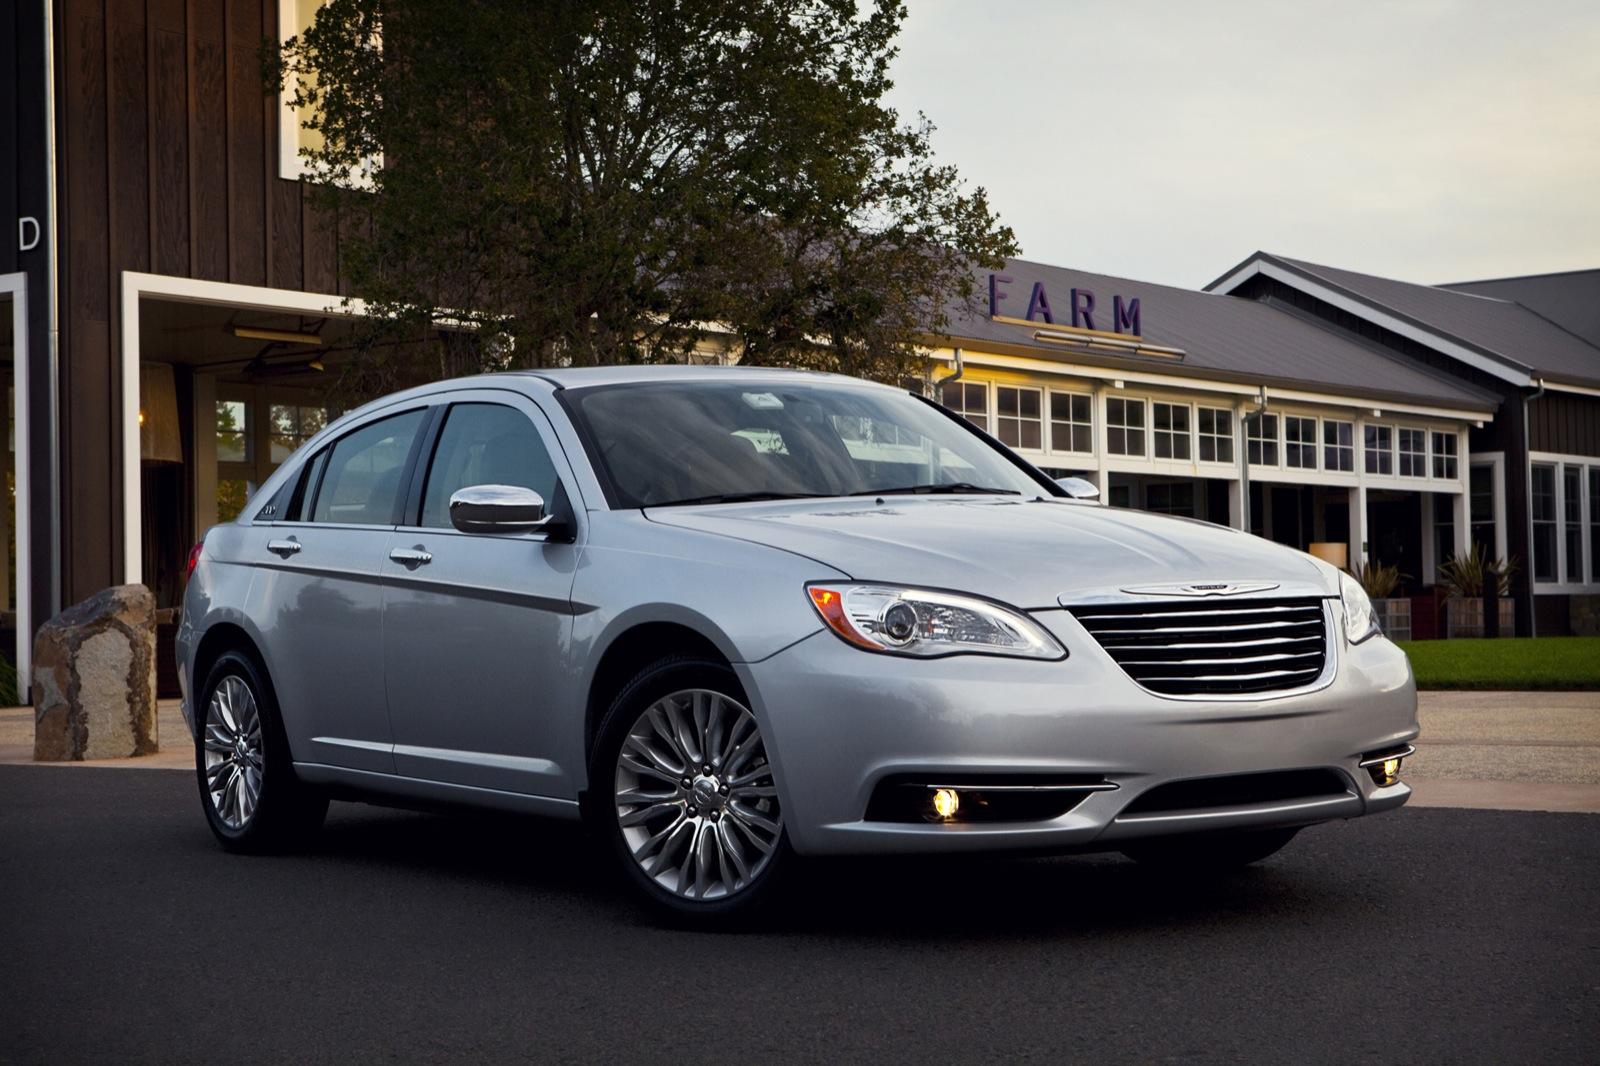 2012 Chrysler 200 Tire Size >> 2012 Chrysler 200 Driven